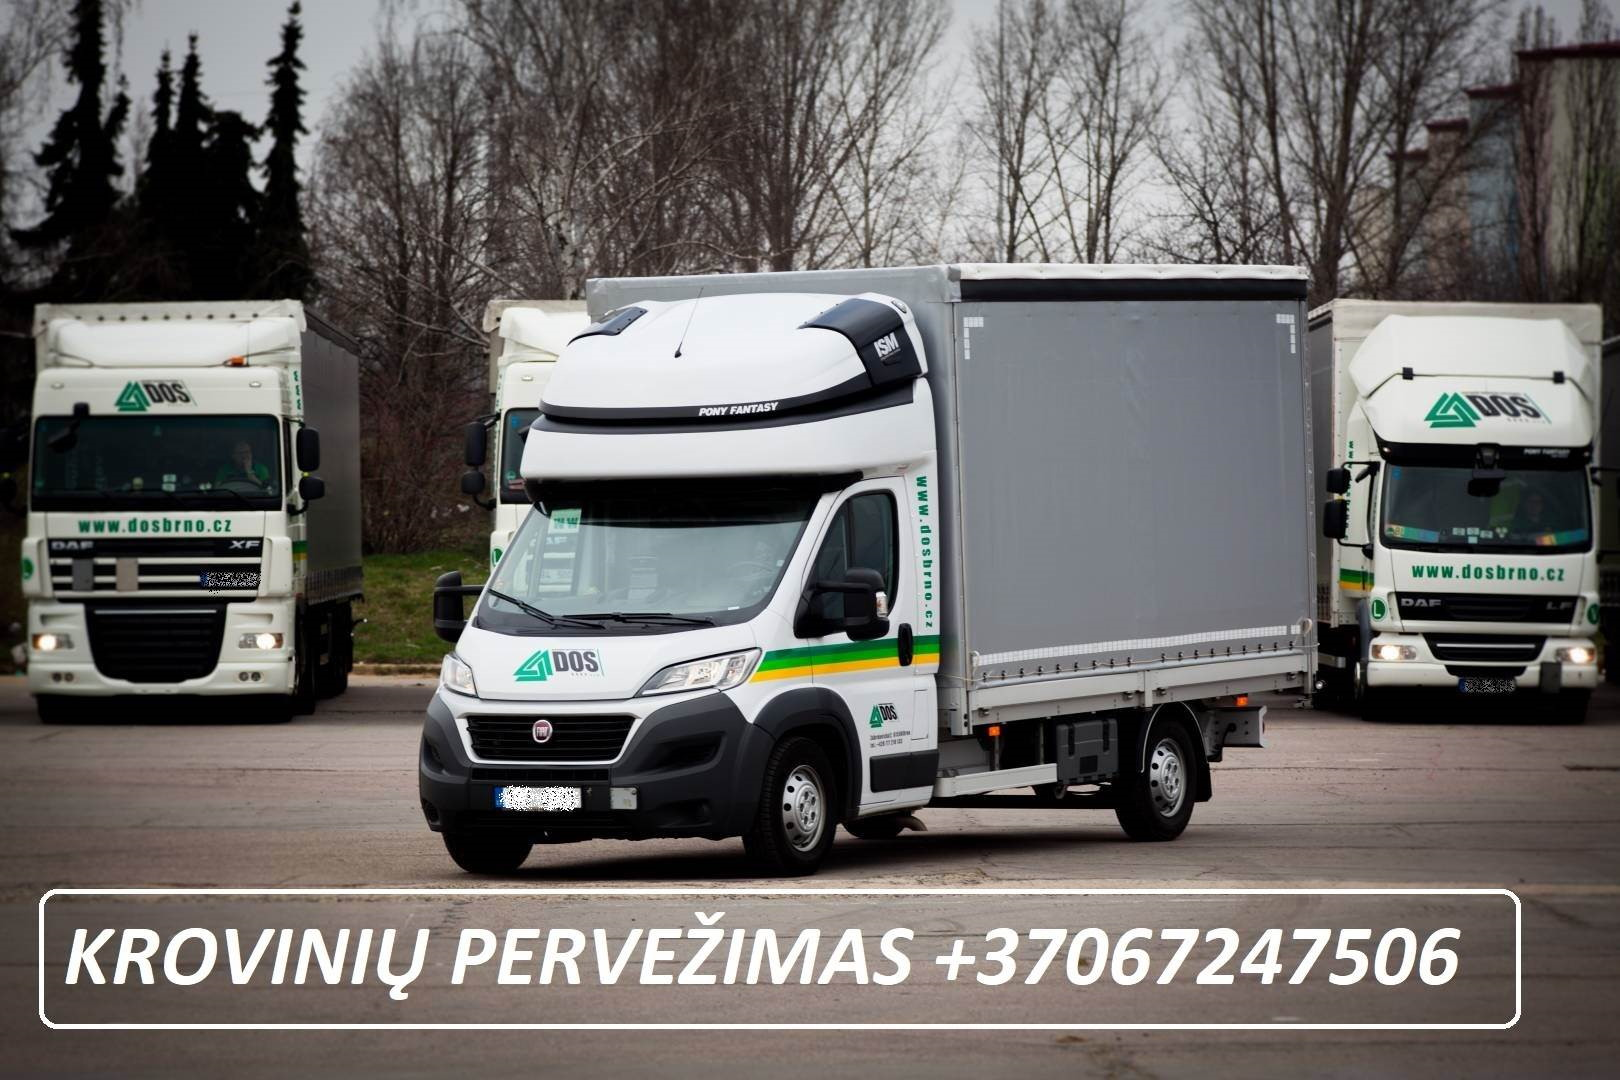 Krovinių pervežimas / krovinių gabenimas / skubus / greitas ! Pervežimo paslaugas teikiame tiek Lietuvoje tiek visoje Europos sąjungoje ir už jos ribų